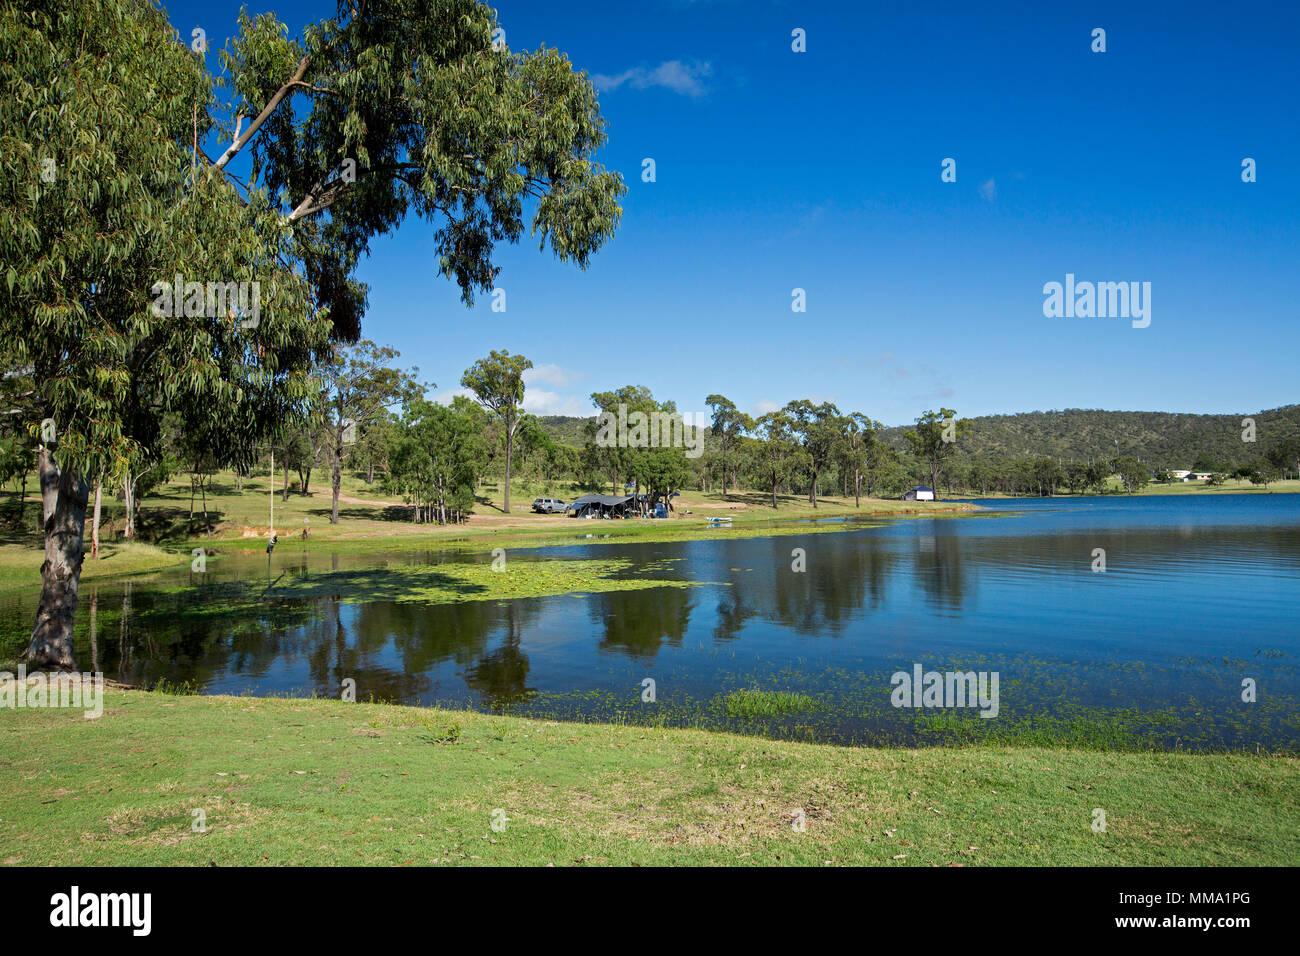 El colorido paisaje con calma y azules aguas del embalse Eungalla atenazada por esmeralda hierba y árboles de sombreado bajo un cielo azul con los campistas en lejanos bank Qld Aust Imagen De Stock